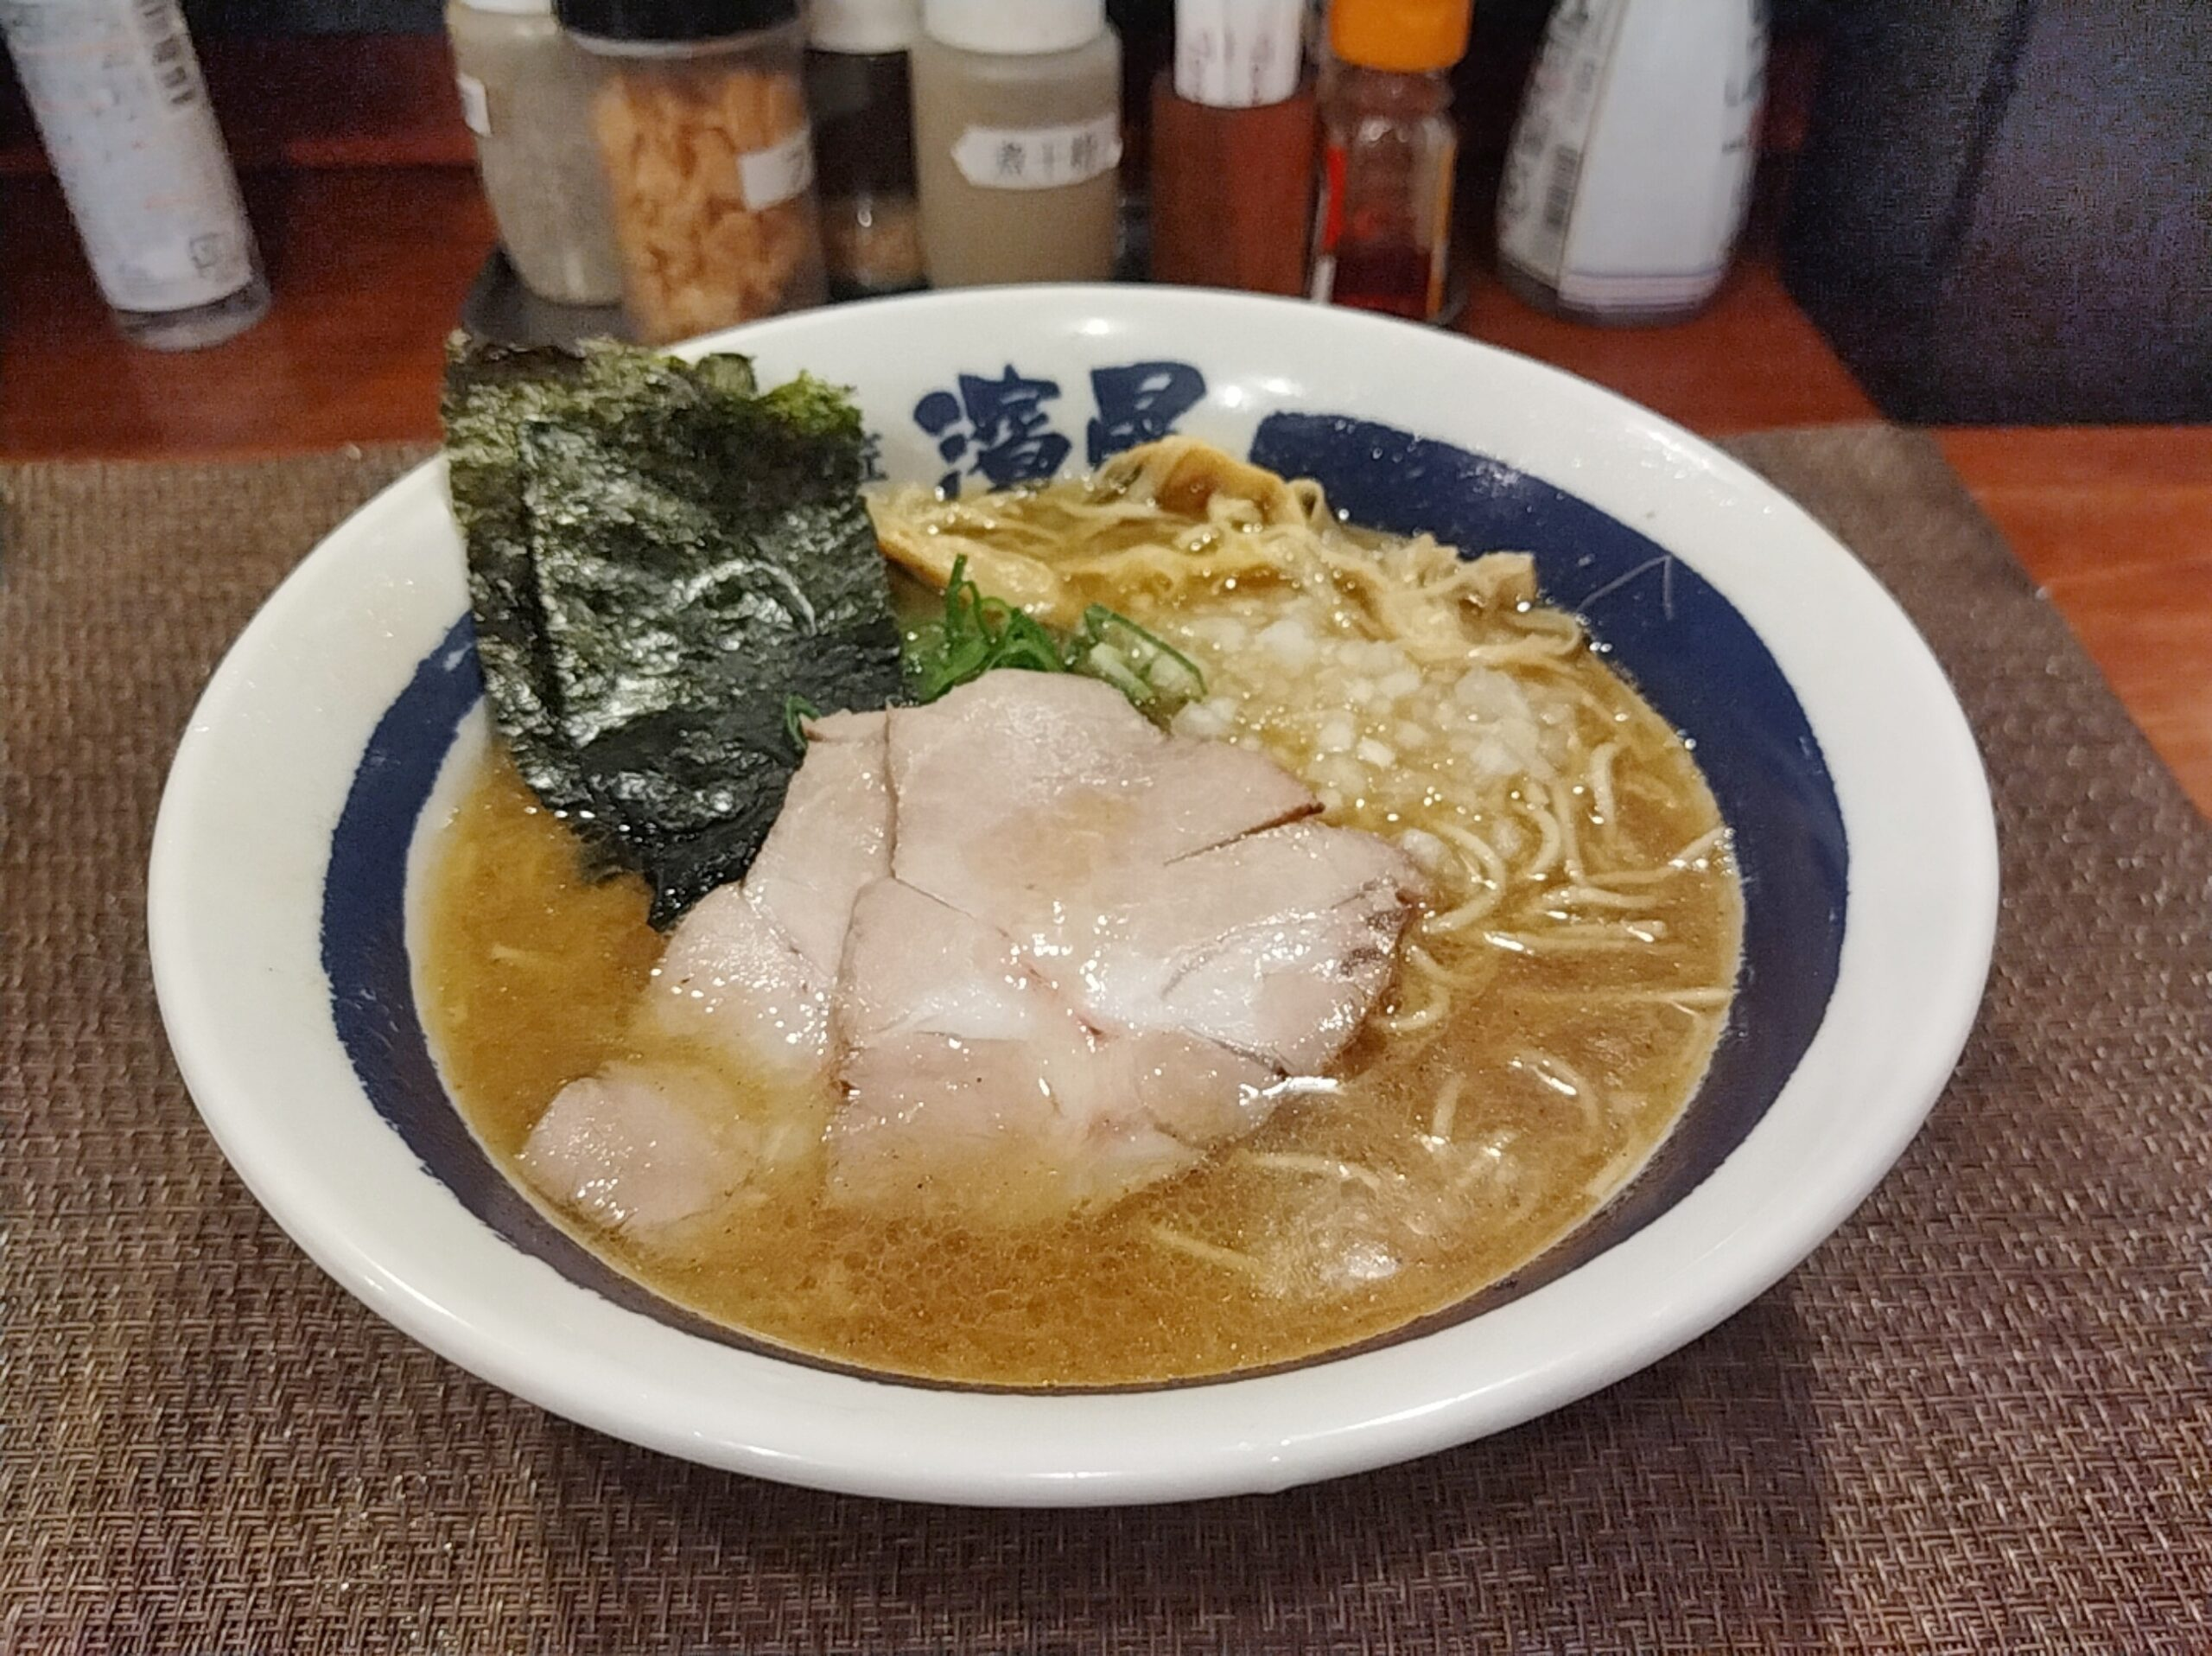 「濃厚煮干しそば 麺匠 濱星 関内店」の「濃厚煮干しそば」の写真